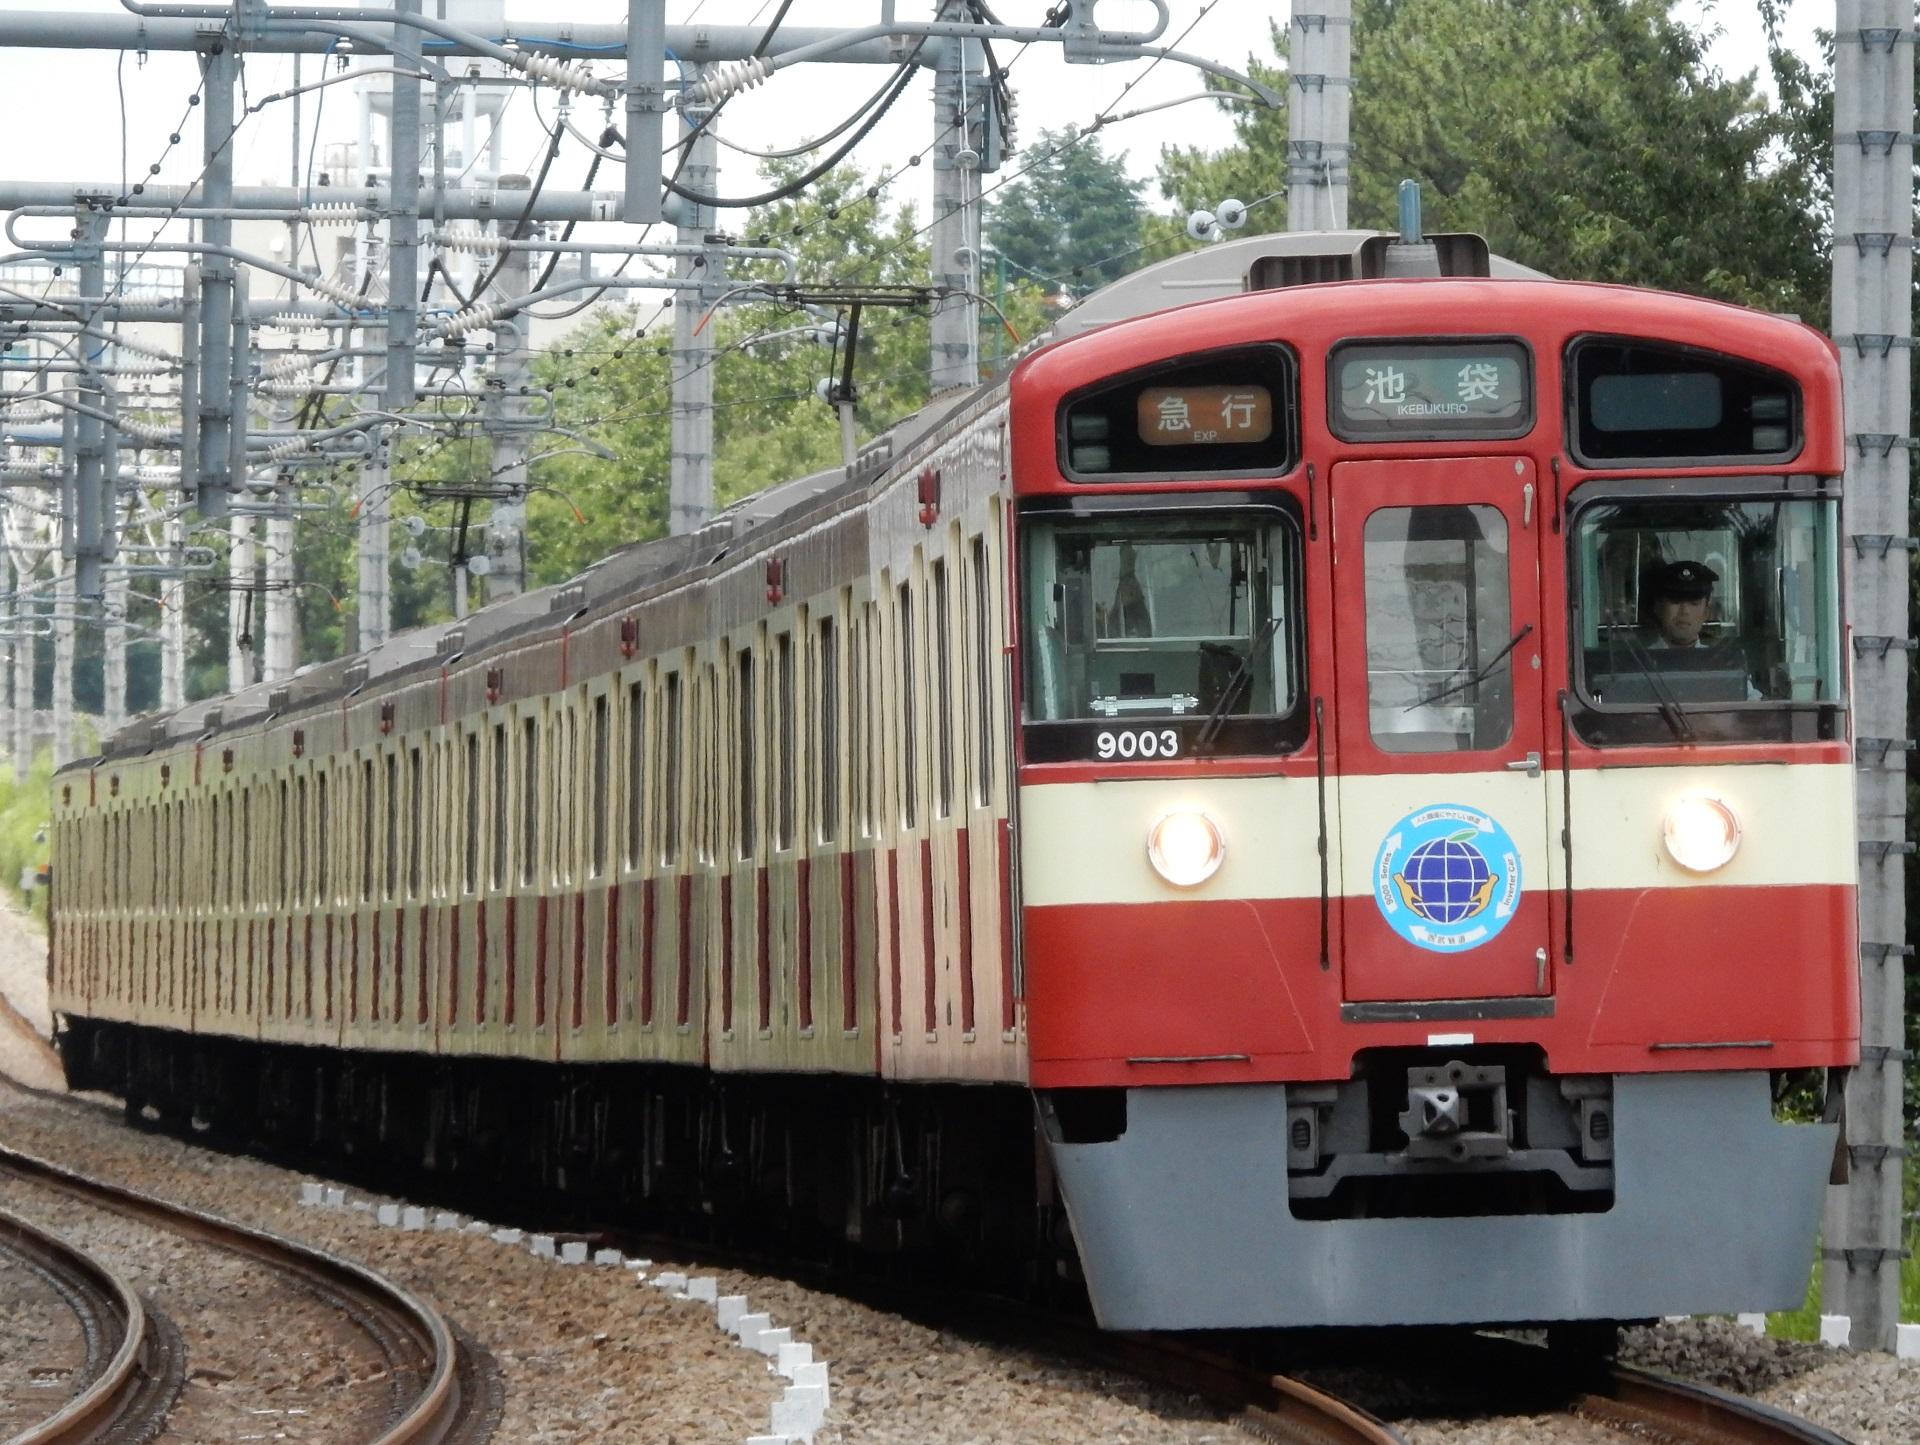 DSCN2290 - コピー